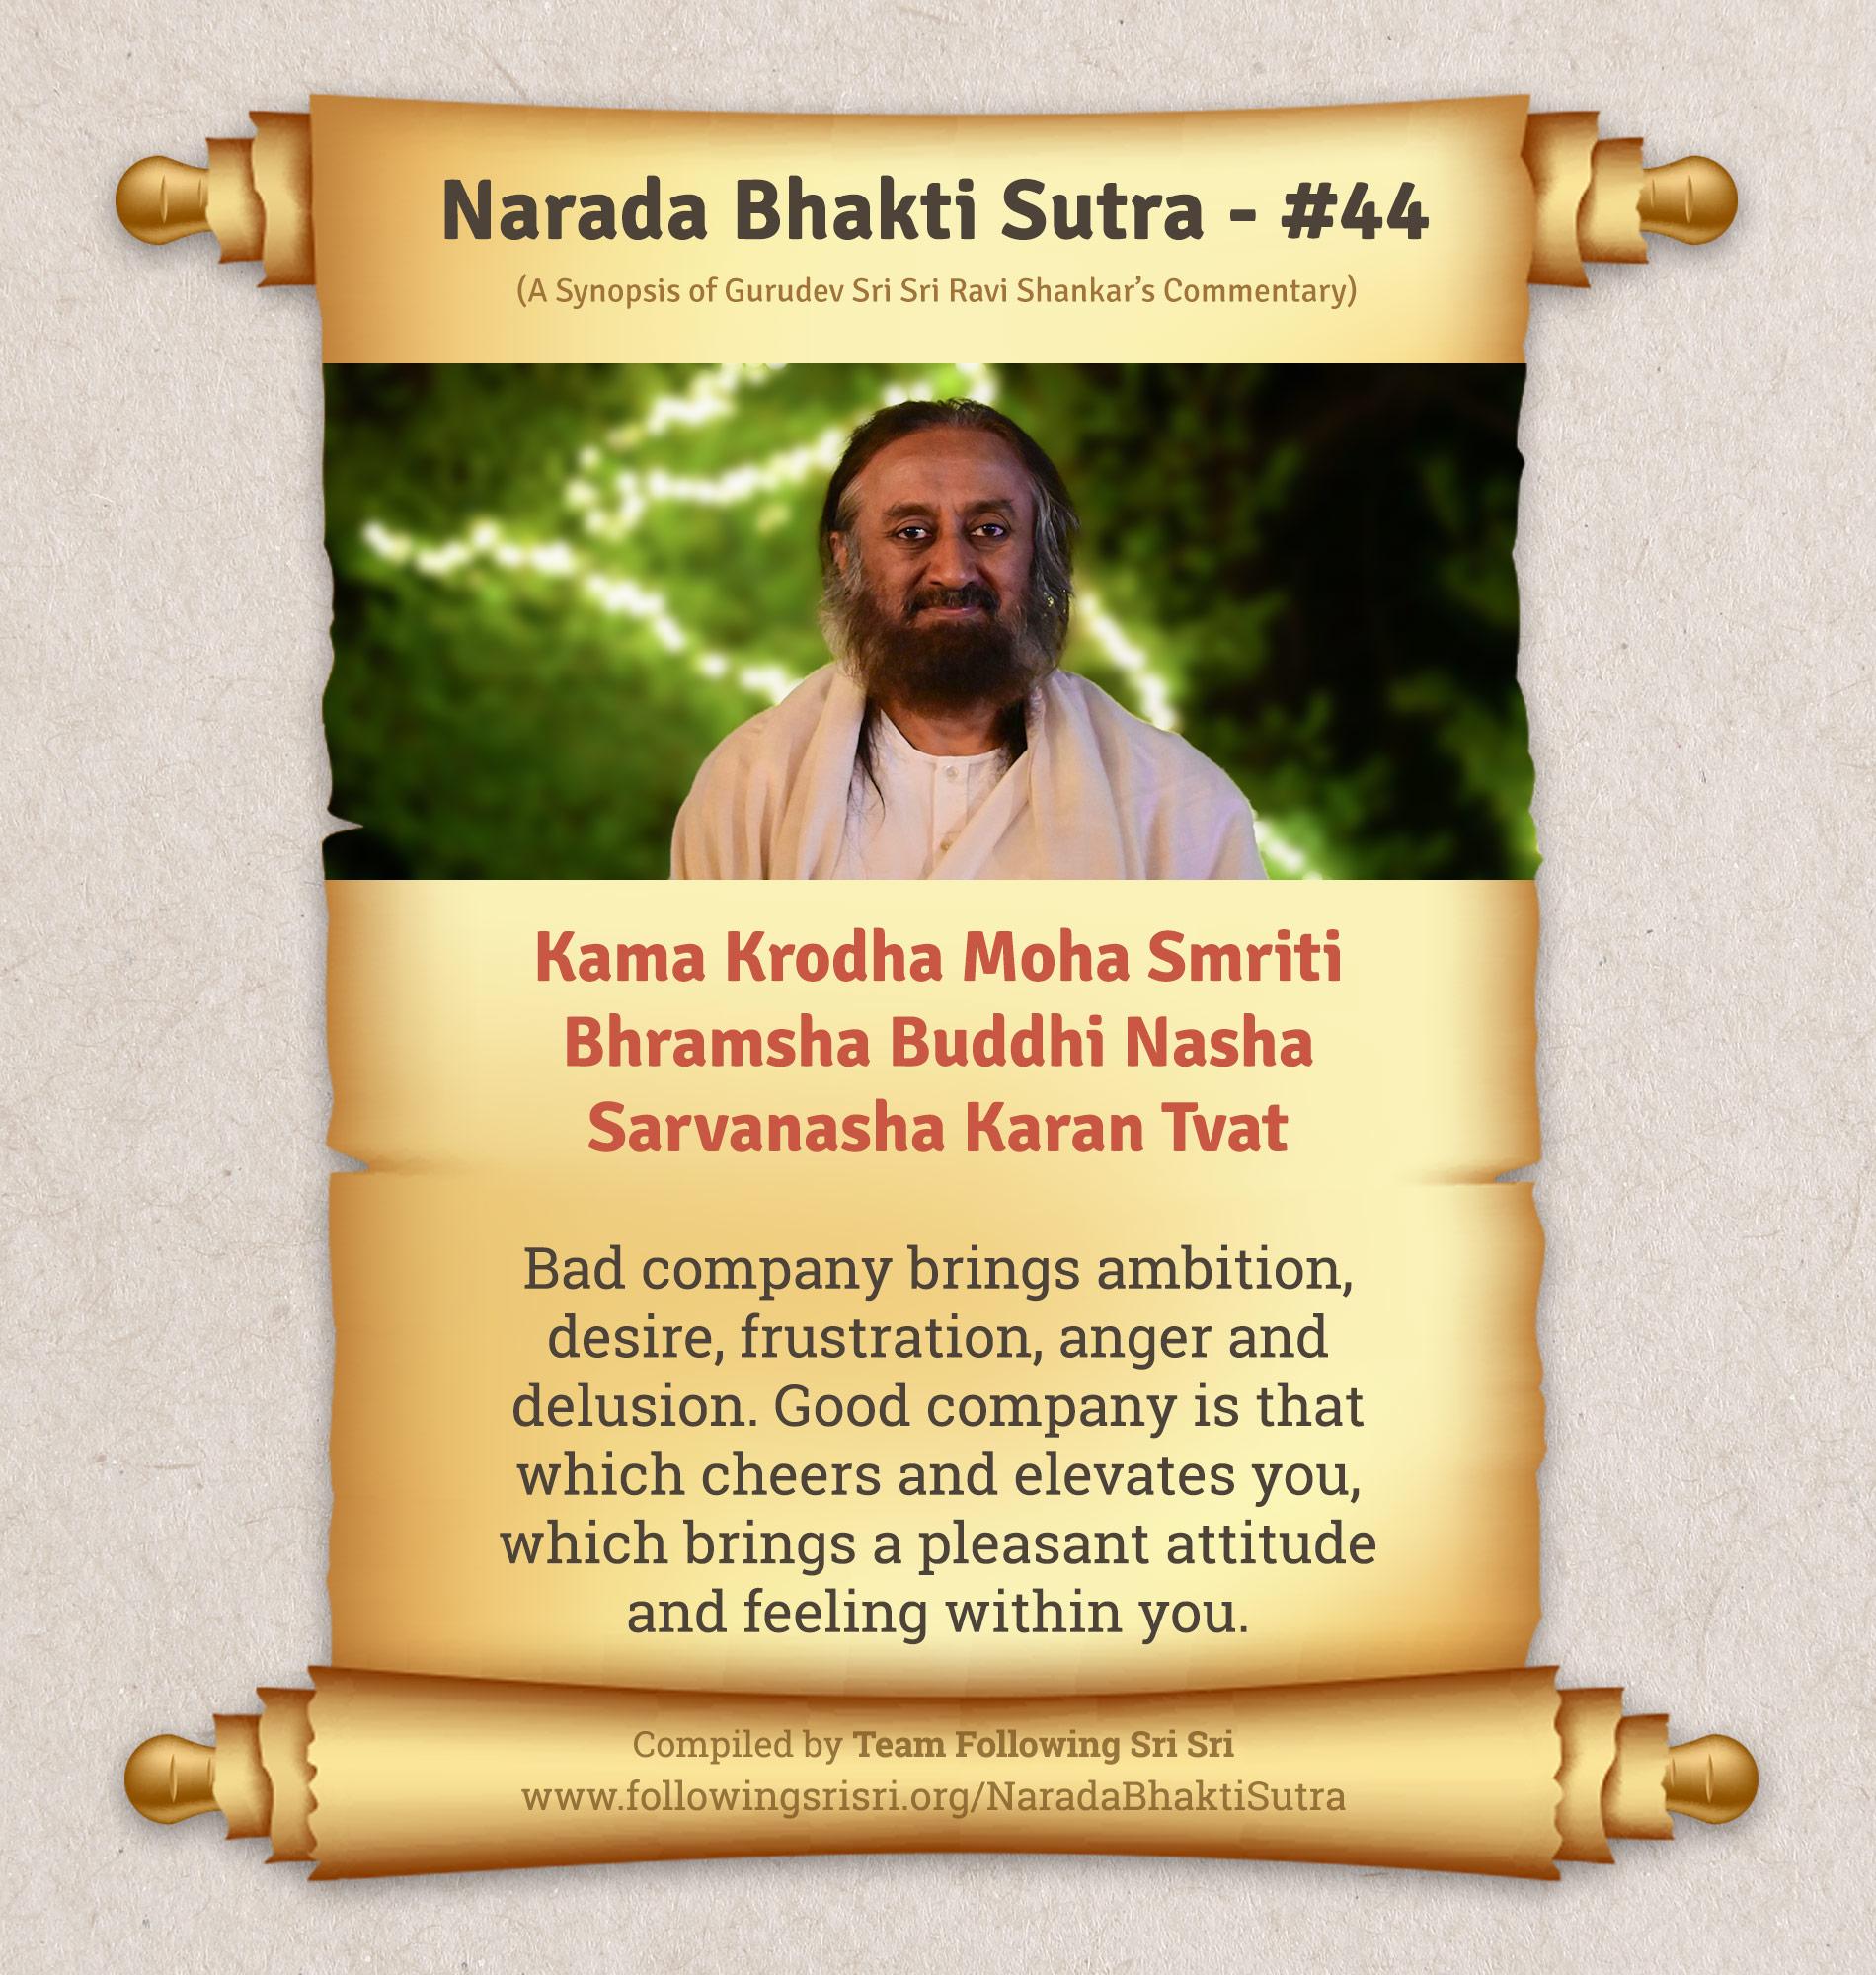 Narada Bhakti Sutras - Sutra 44